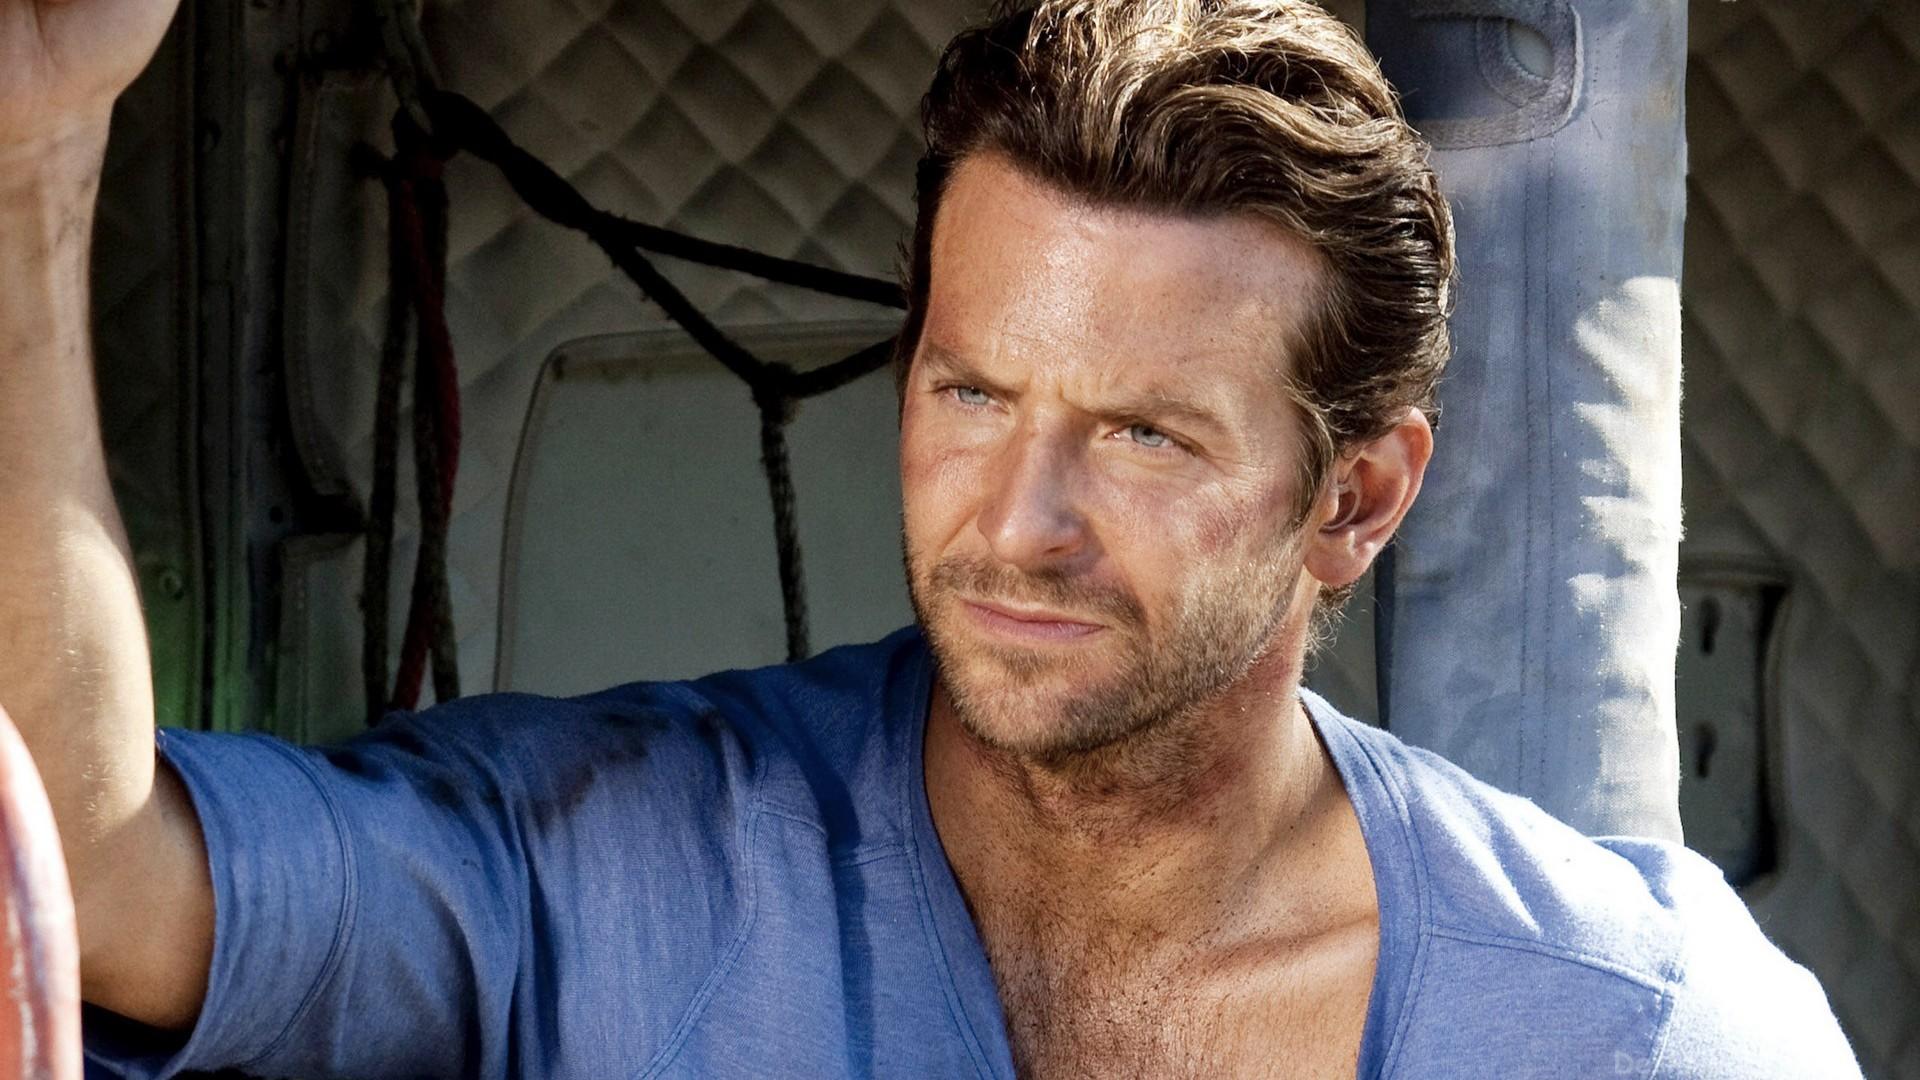 world richest actor 2020, Bradley Copper